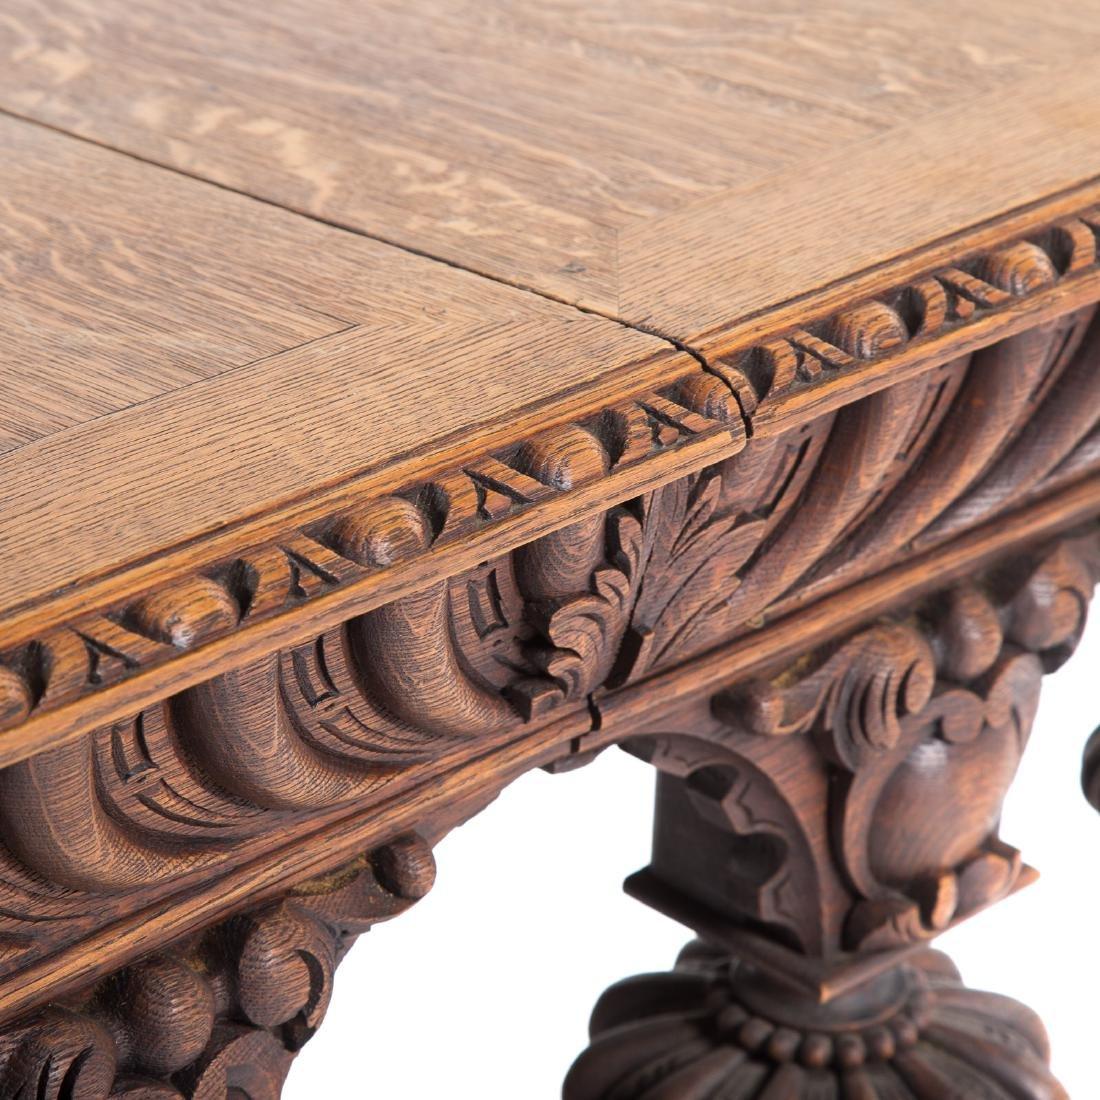 Elizabethan Revival carved oak library table - 6